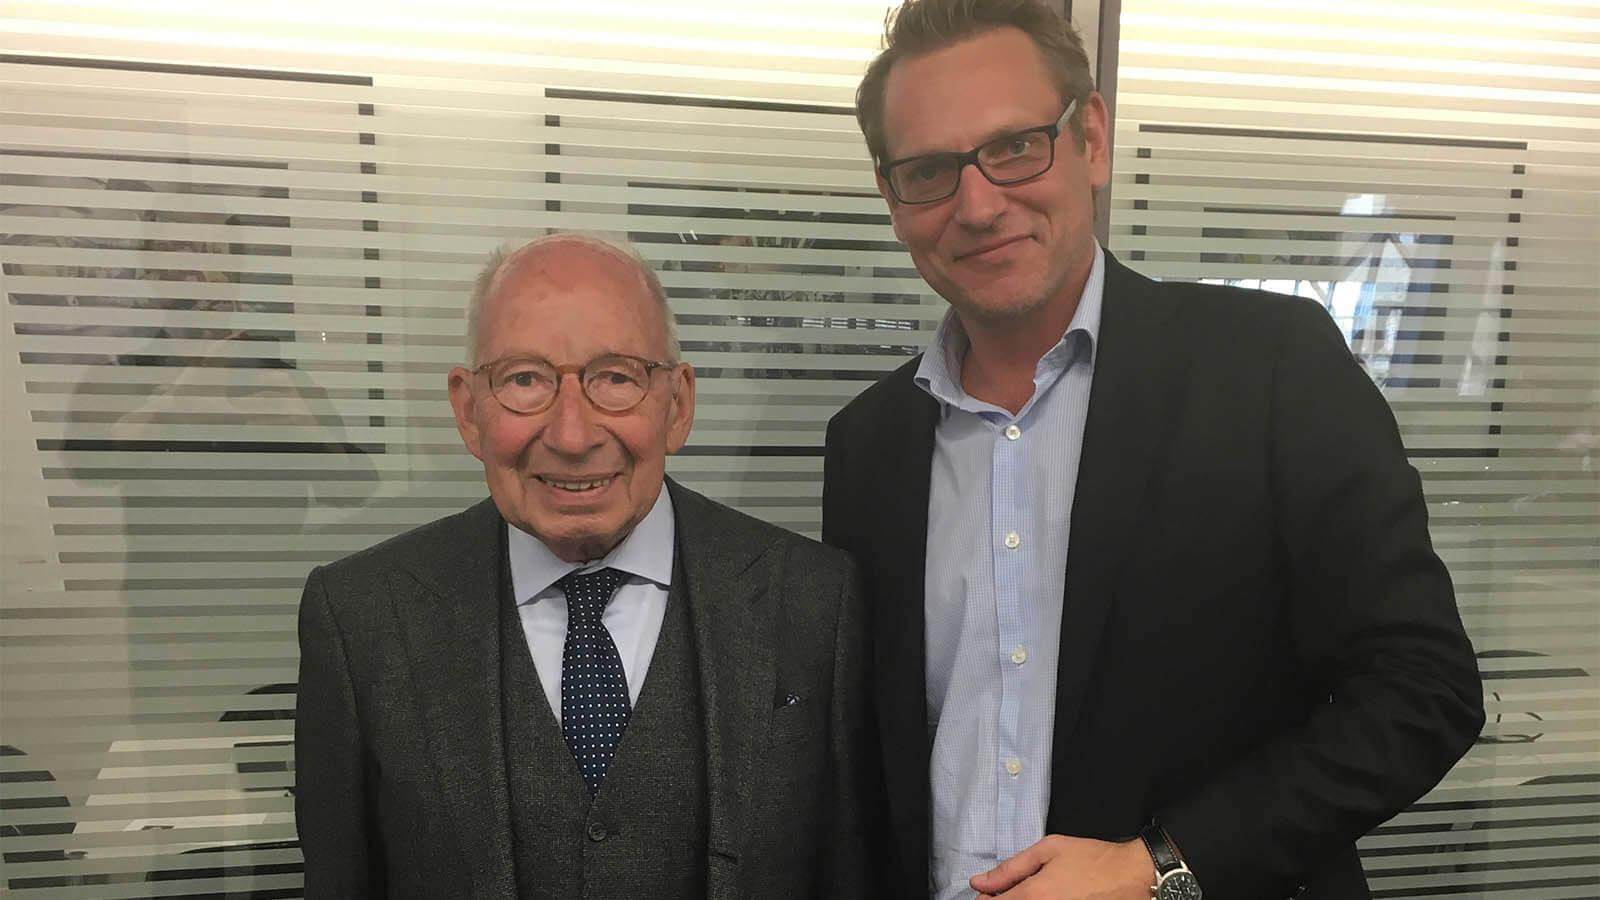 Links Kurt Klaus die Uhrmacherlegende von IWC, auch bekannt als Mr. Ewiger Kalender